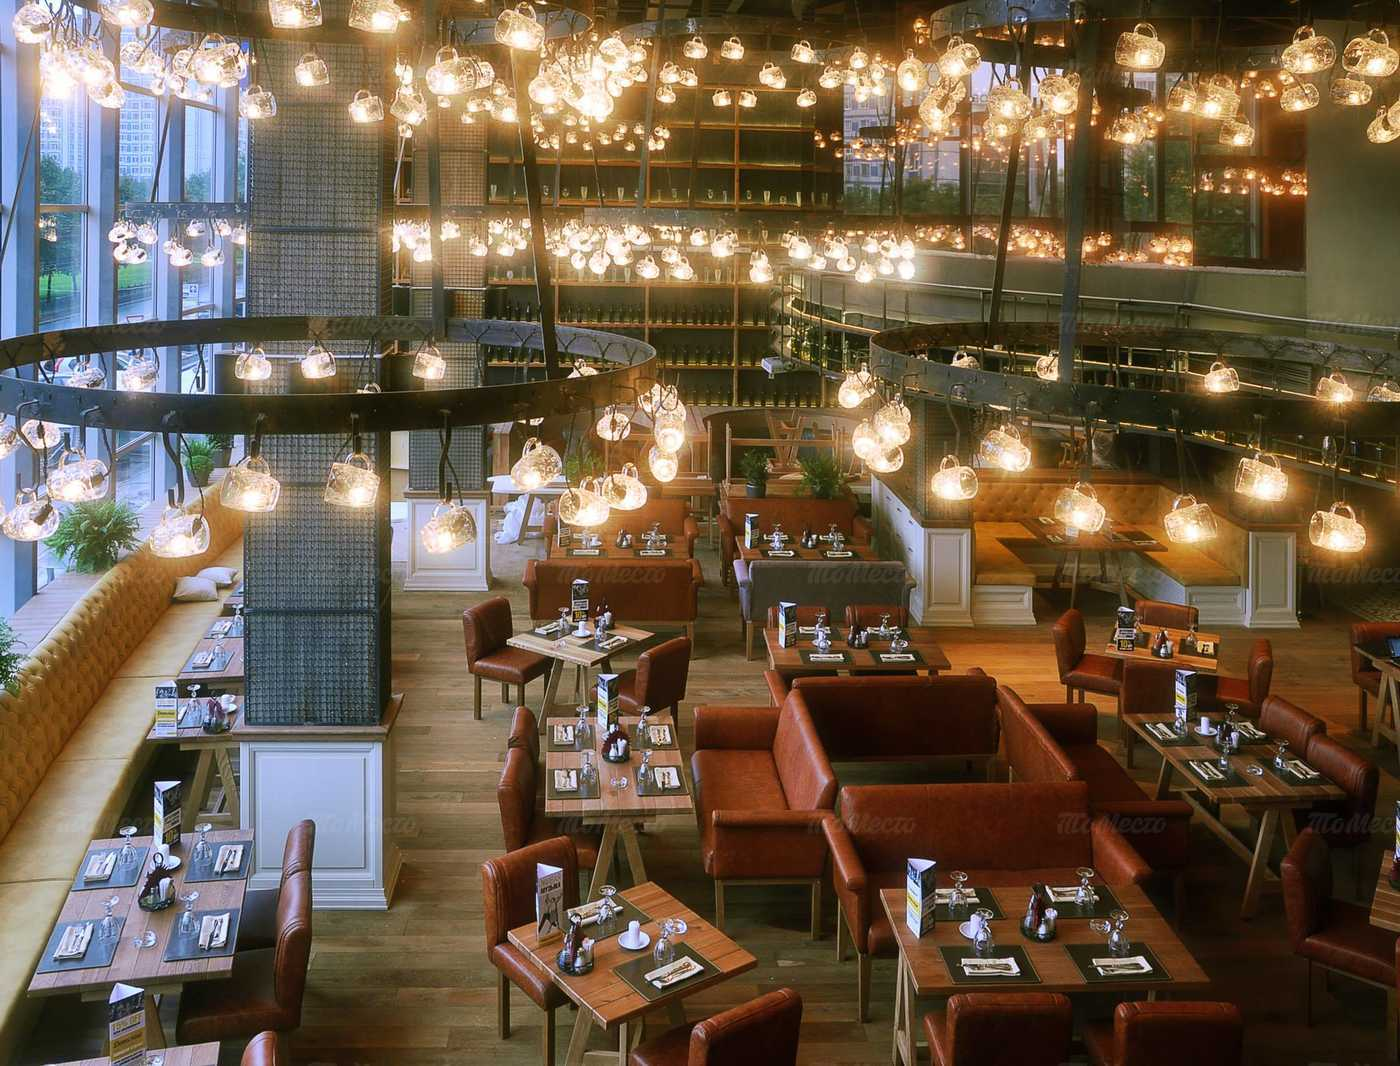 Меню ресторана Ян Примус на Осеннем бульваре